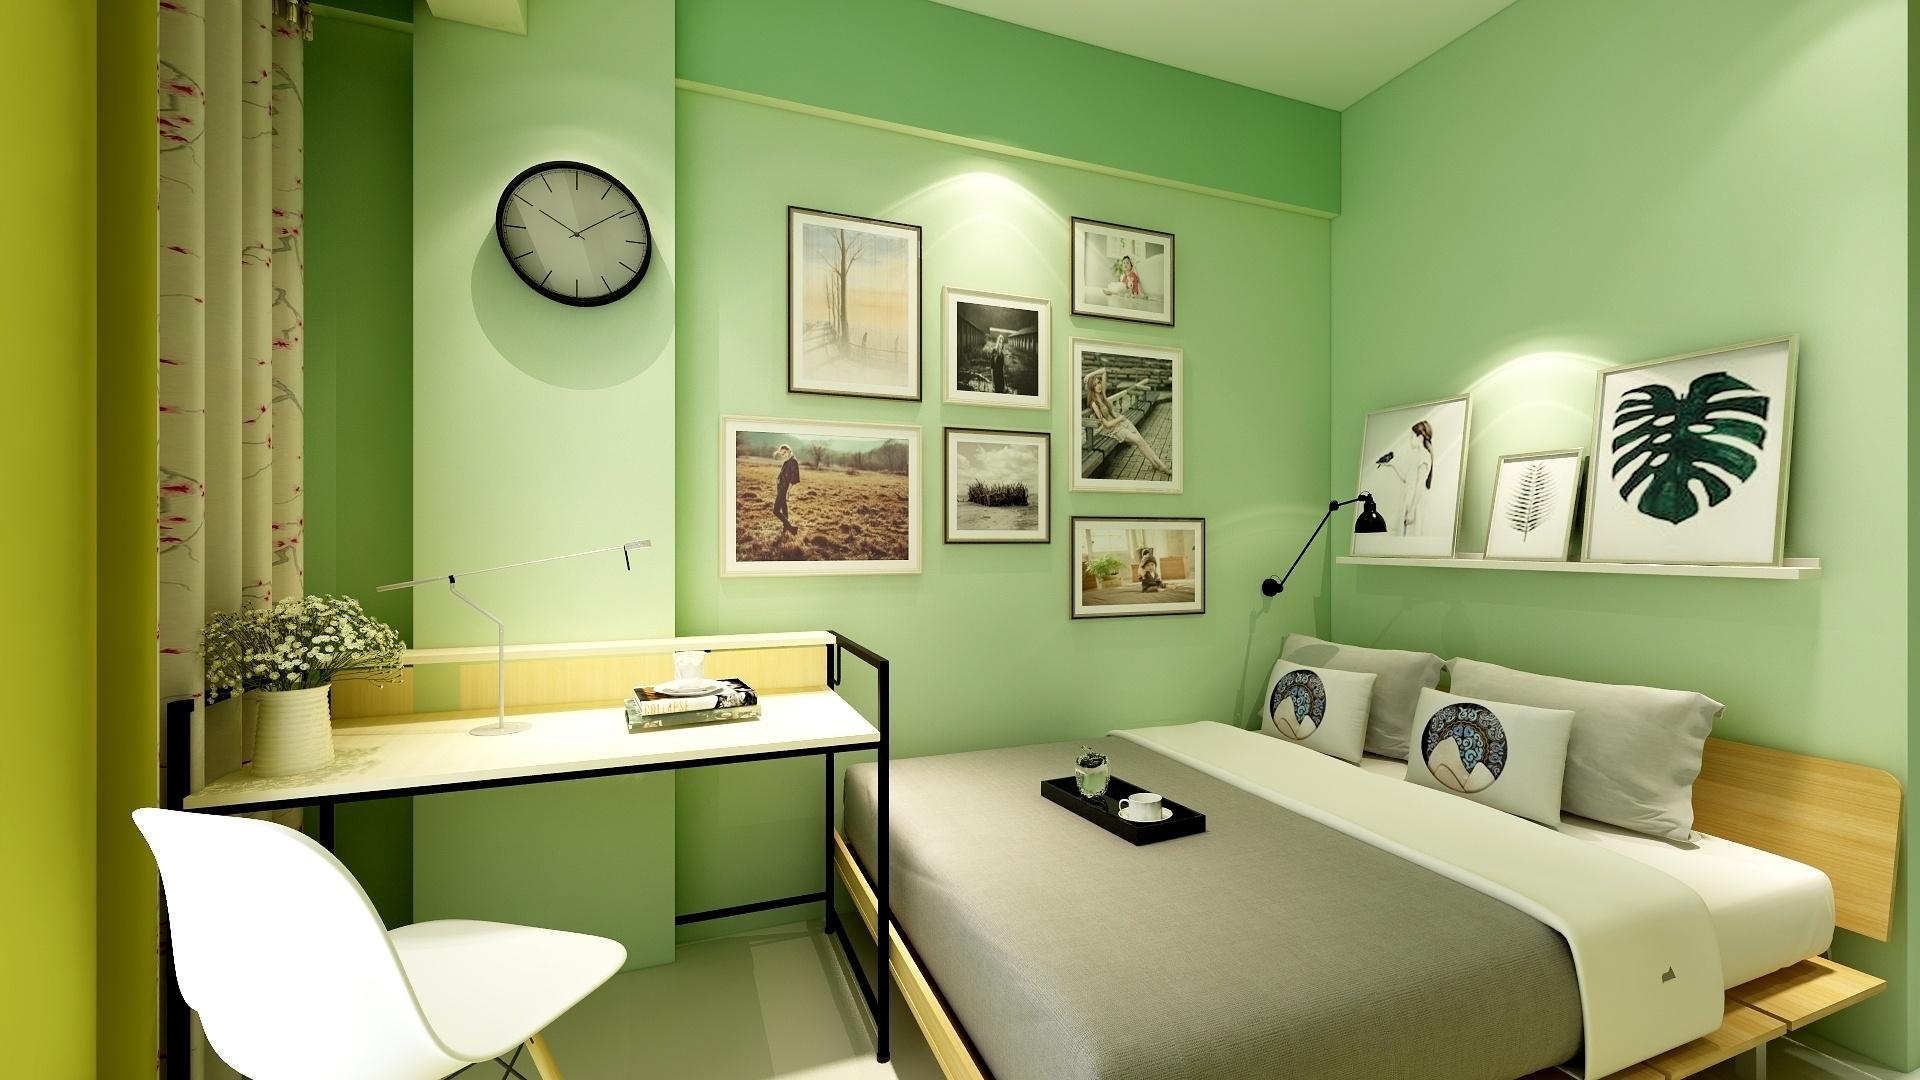 单身公寓|空间|室内设计|张小雯lazy - 原创作品图片